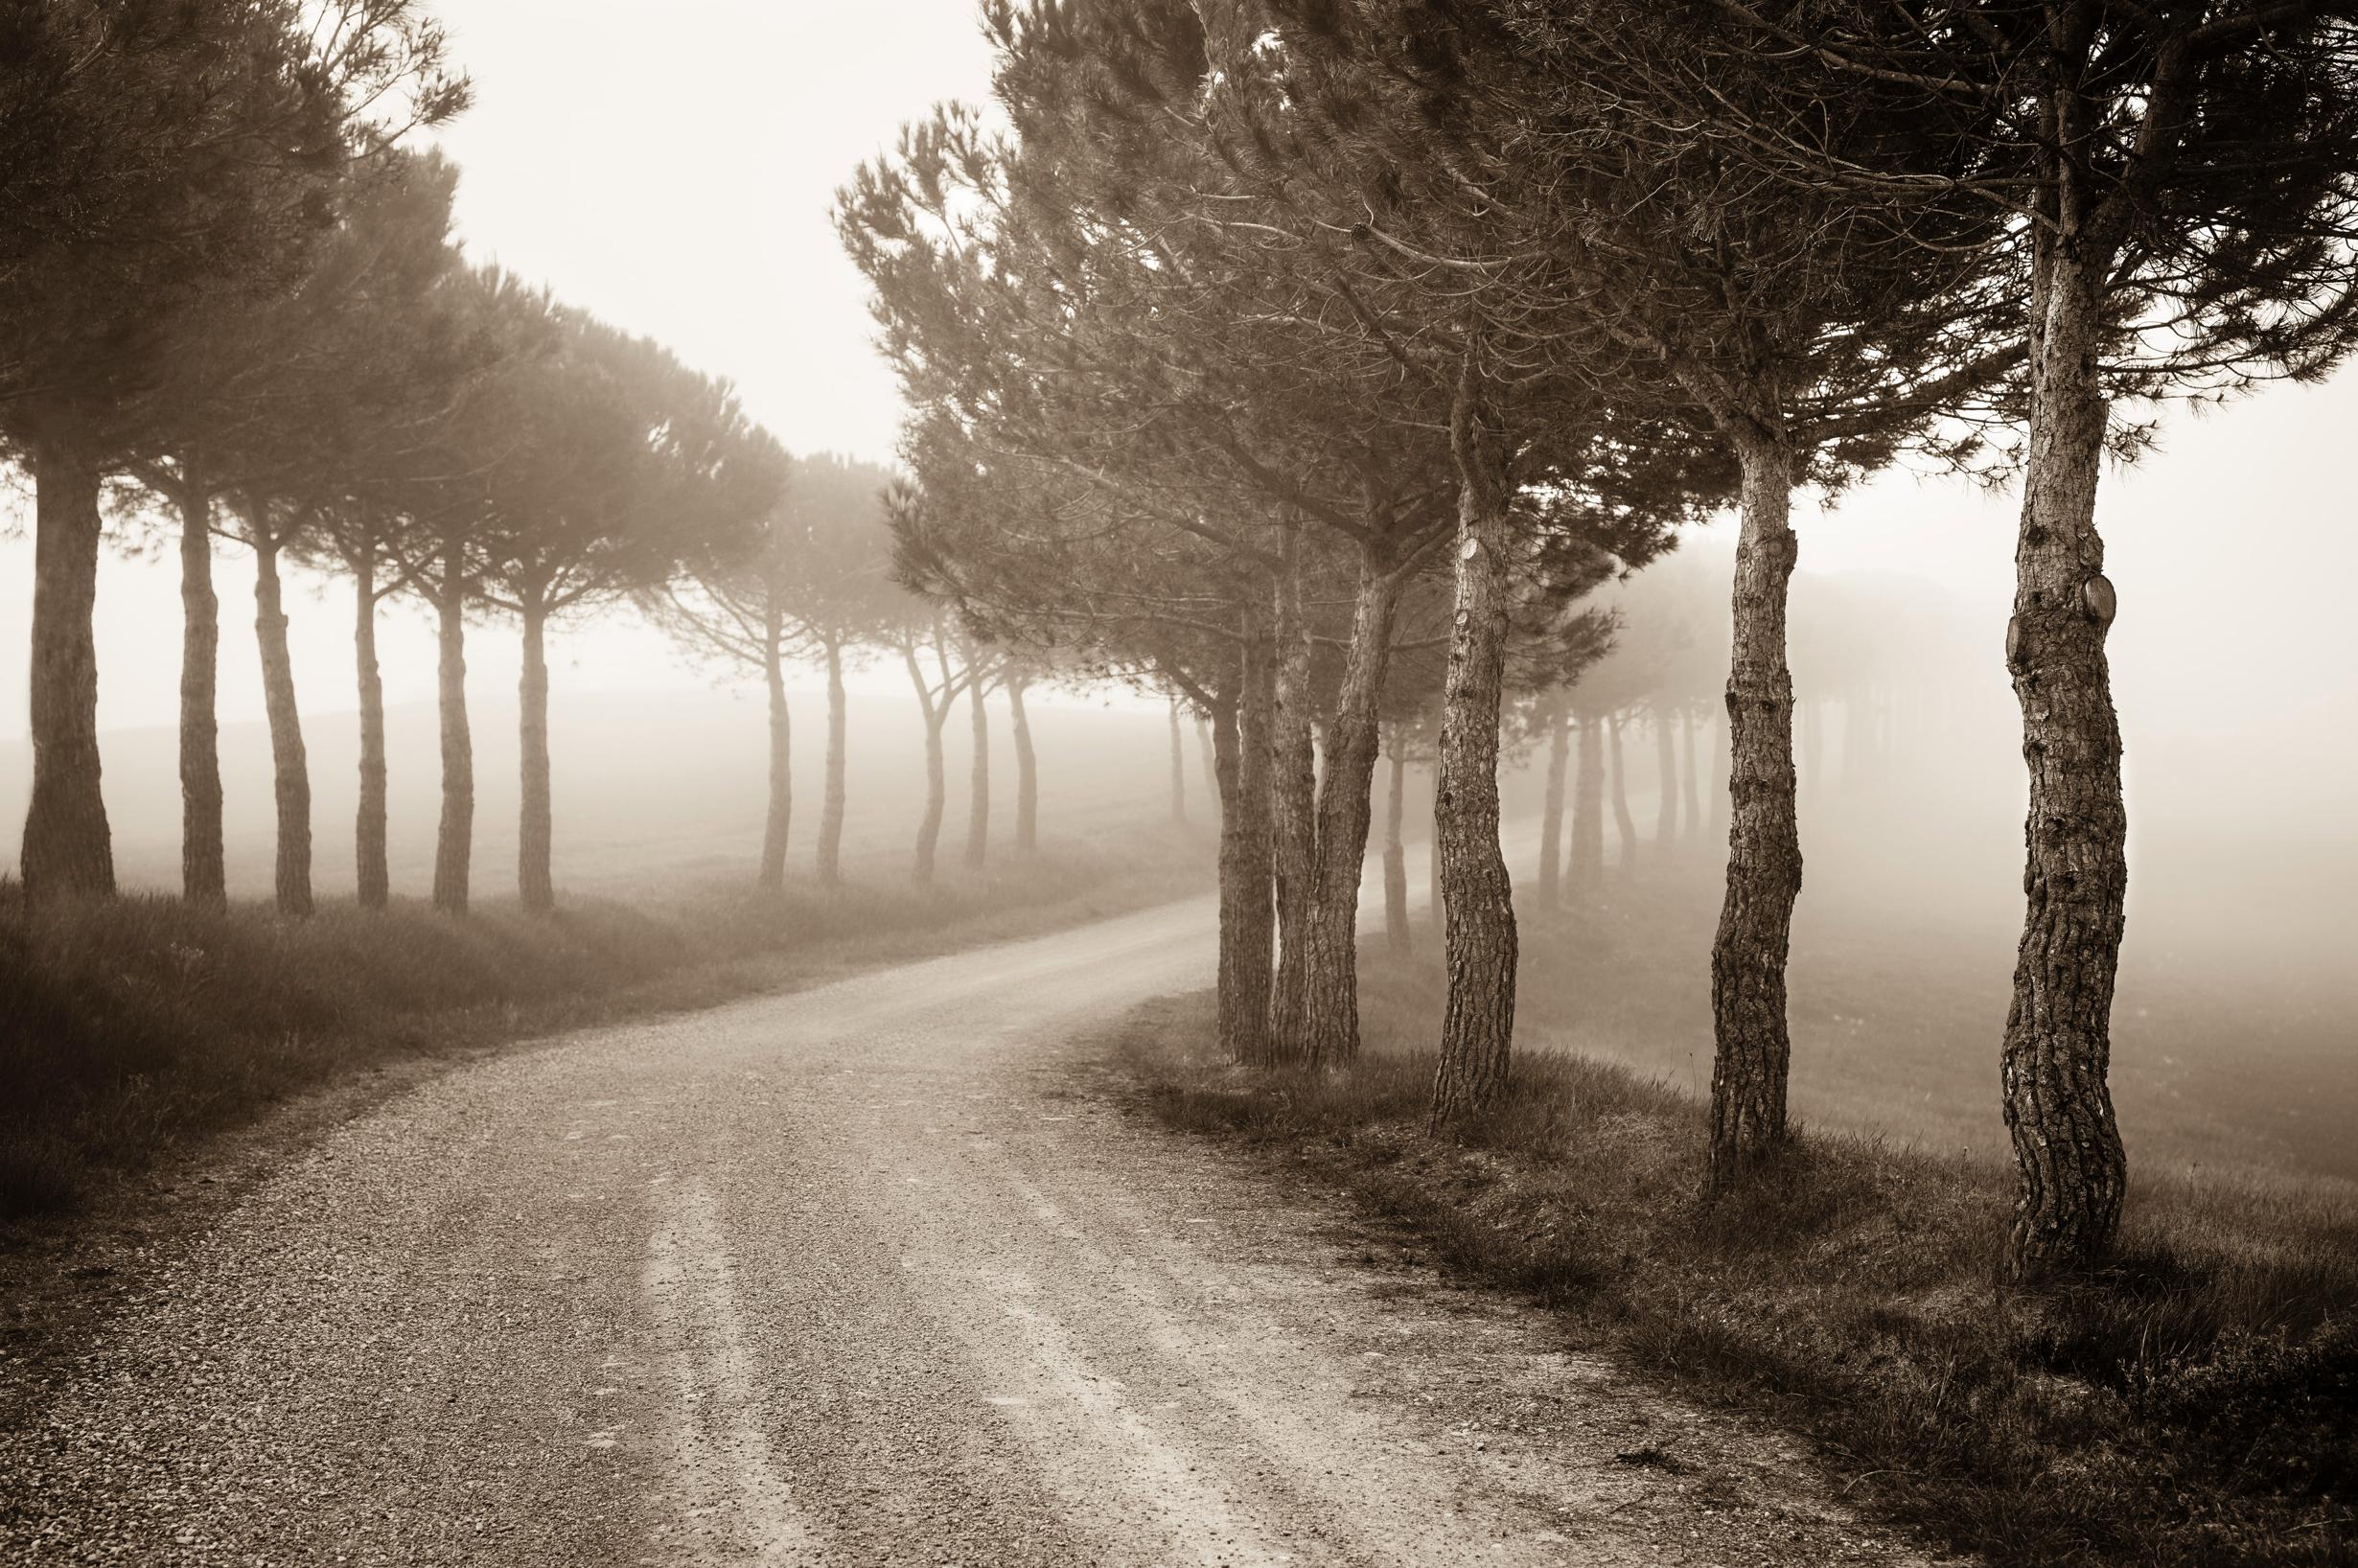 8:05 Near Monticchiello